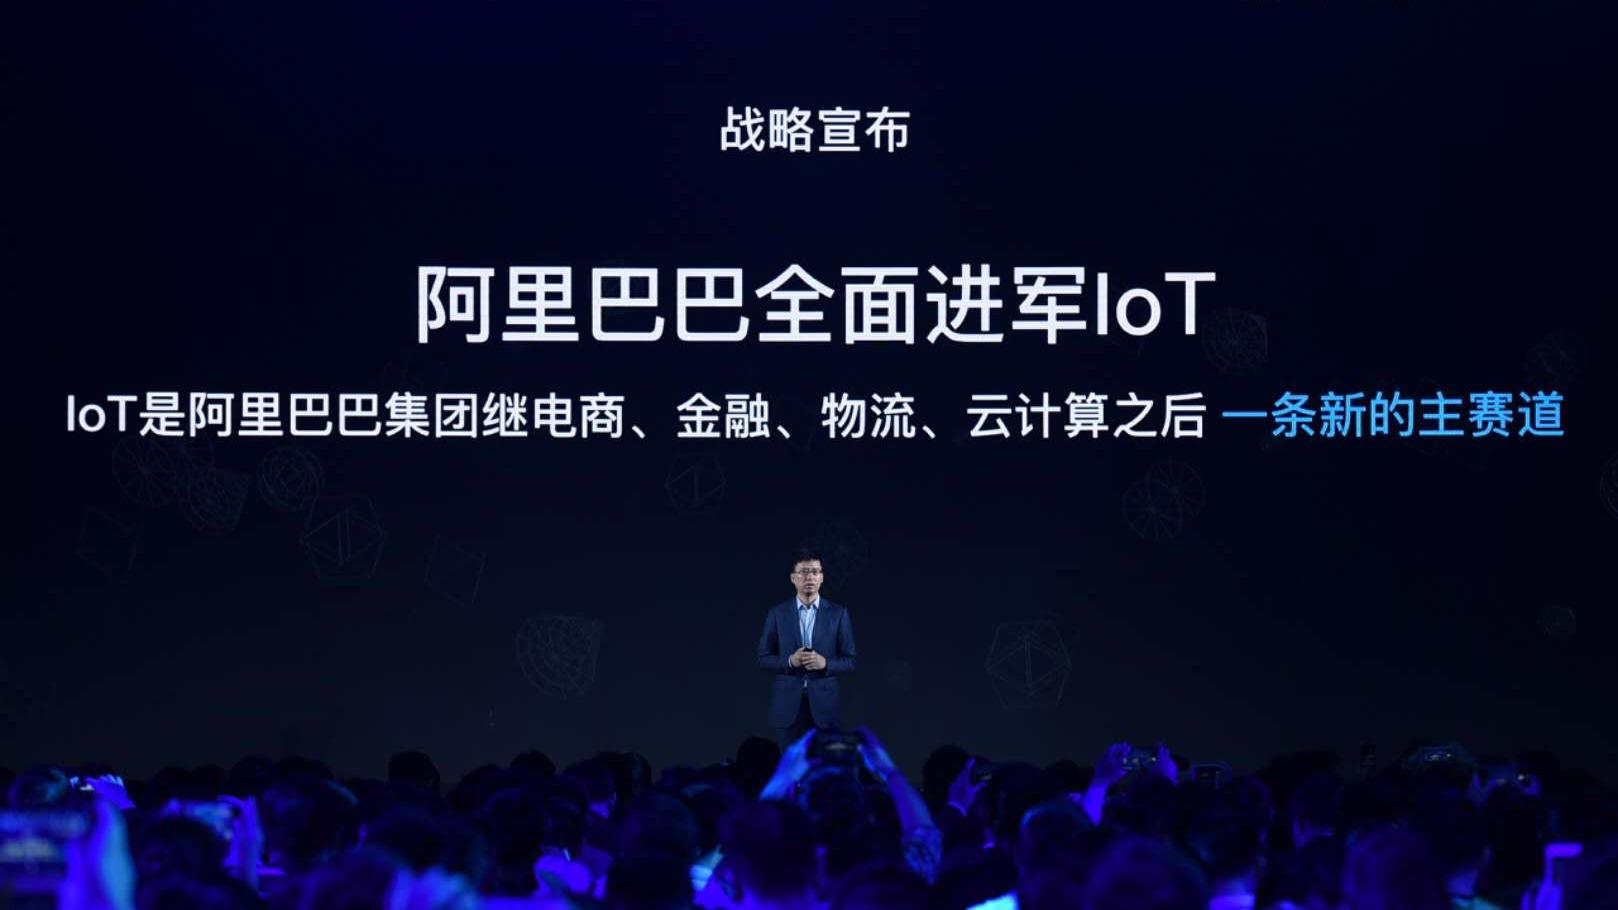 阿里云总裁胡晓明宣布全面进军物联网领域 互联网的下半场是整个物理世界数字化